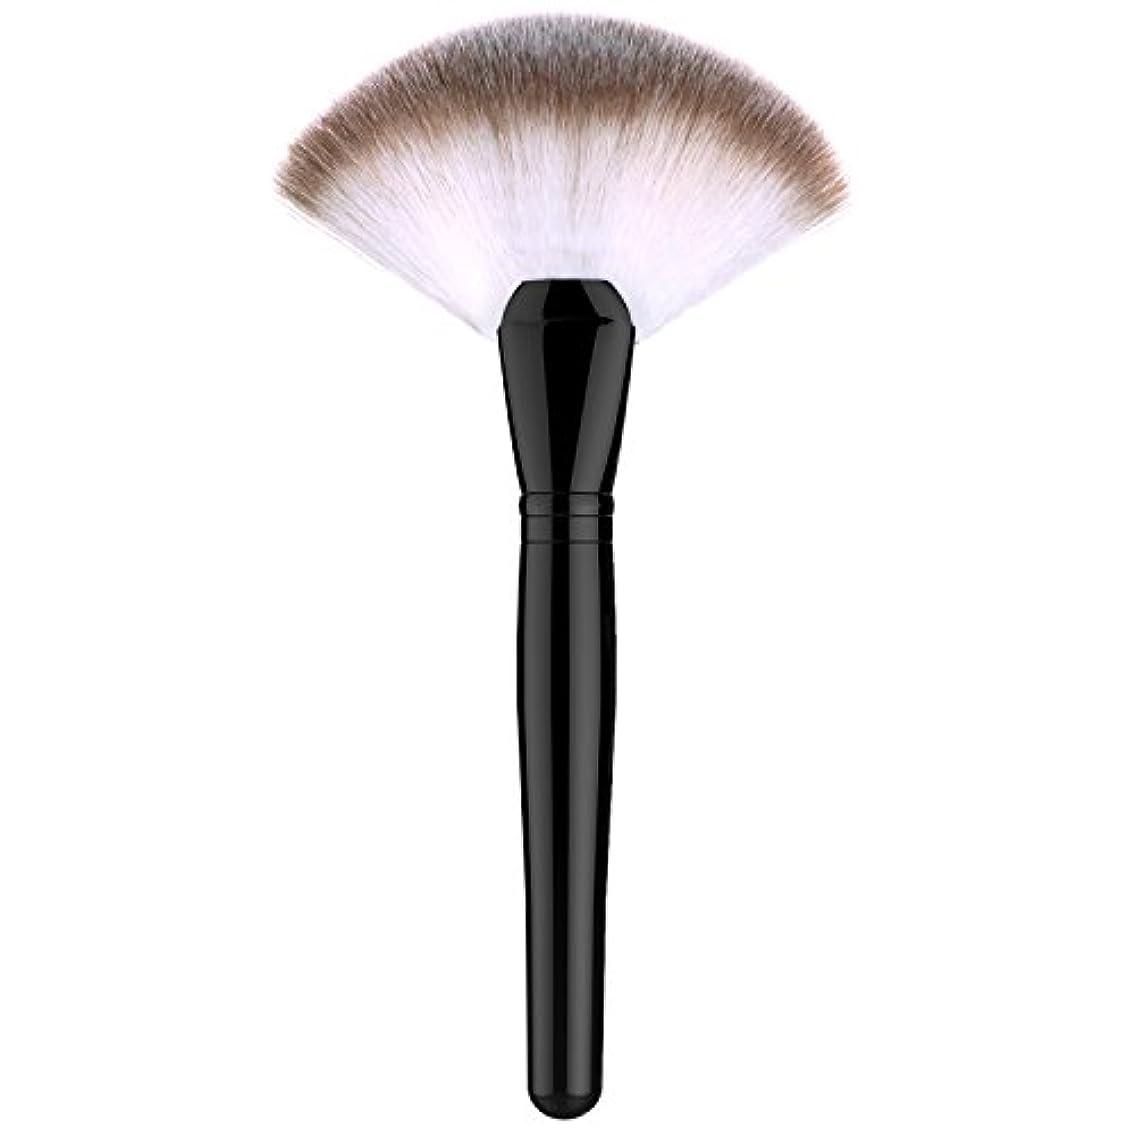 ファンデーションブラシ - Luxspire 扇形 メイクブラシセット 化粧筆 コスメブラシ 繊細な人工毛 毛質やわらかい 肌に優しい